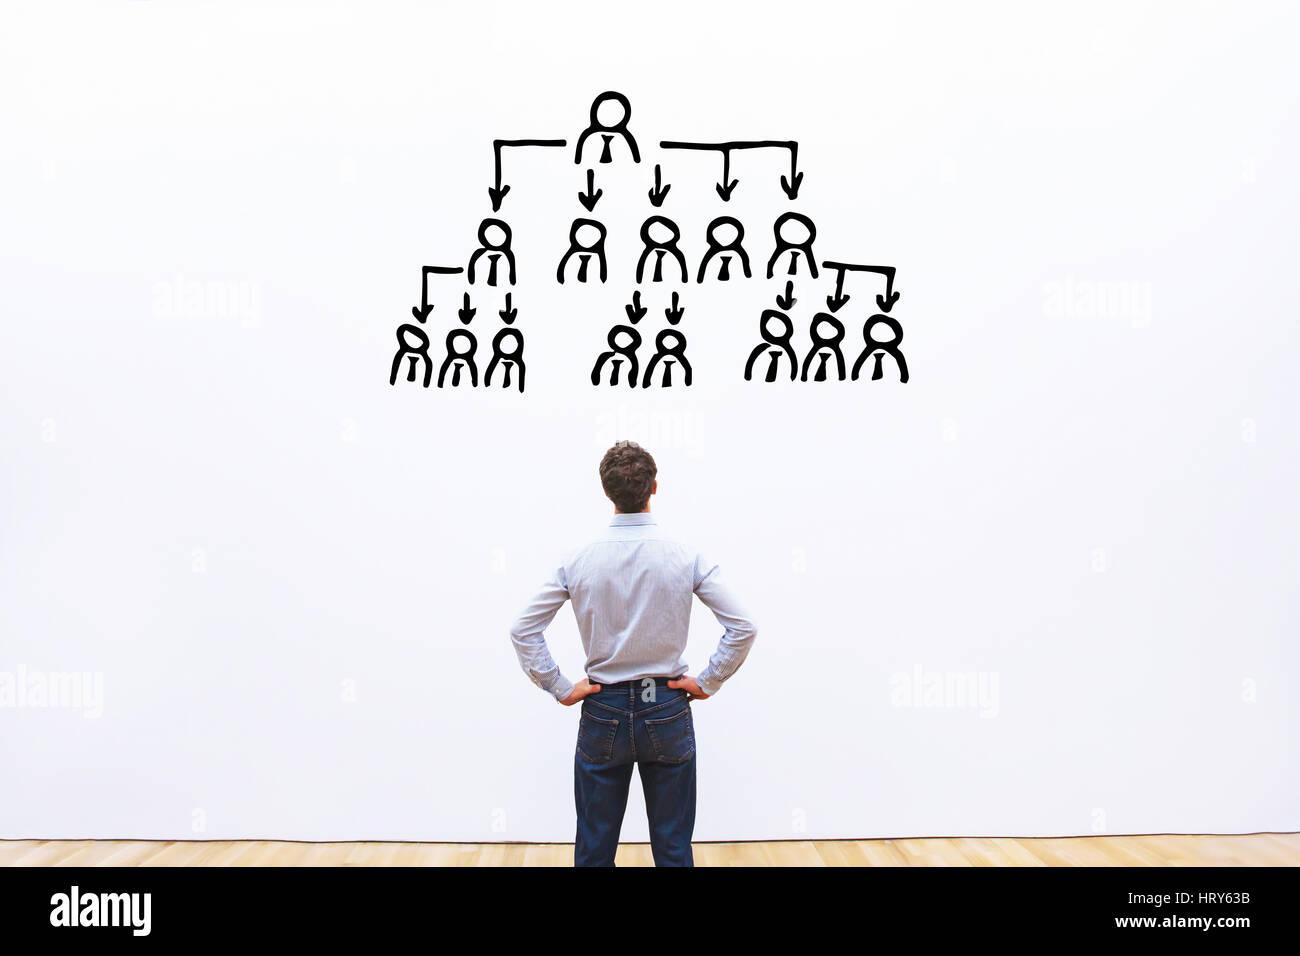 Concepto de delegación, CEO de delegar tareas a los empleados de la empresa Imagen De Stock